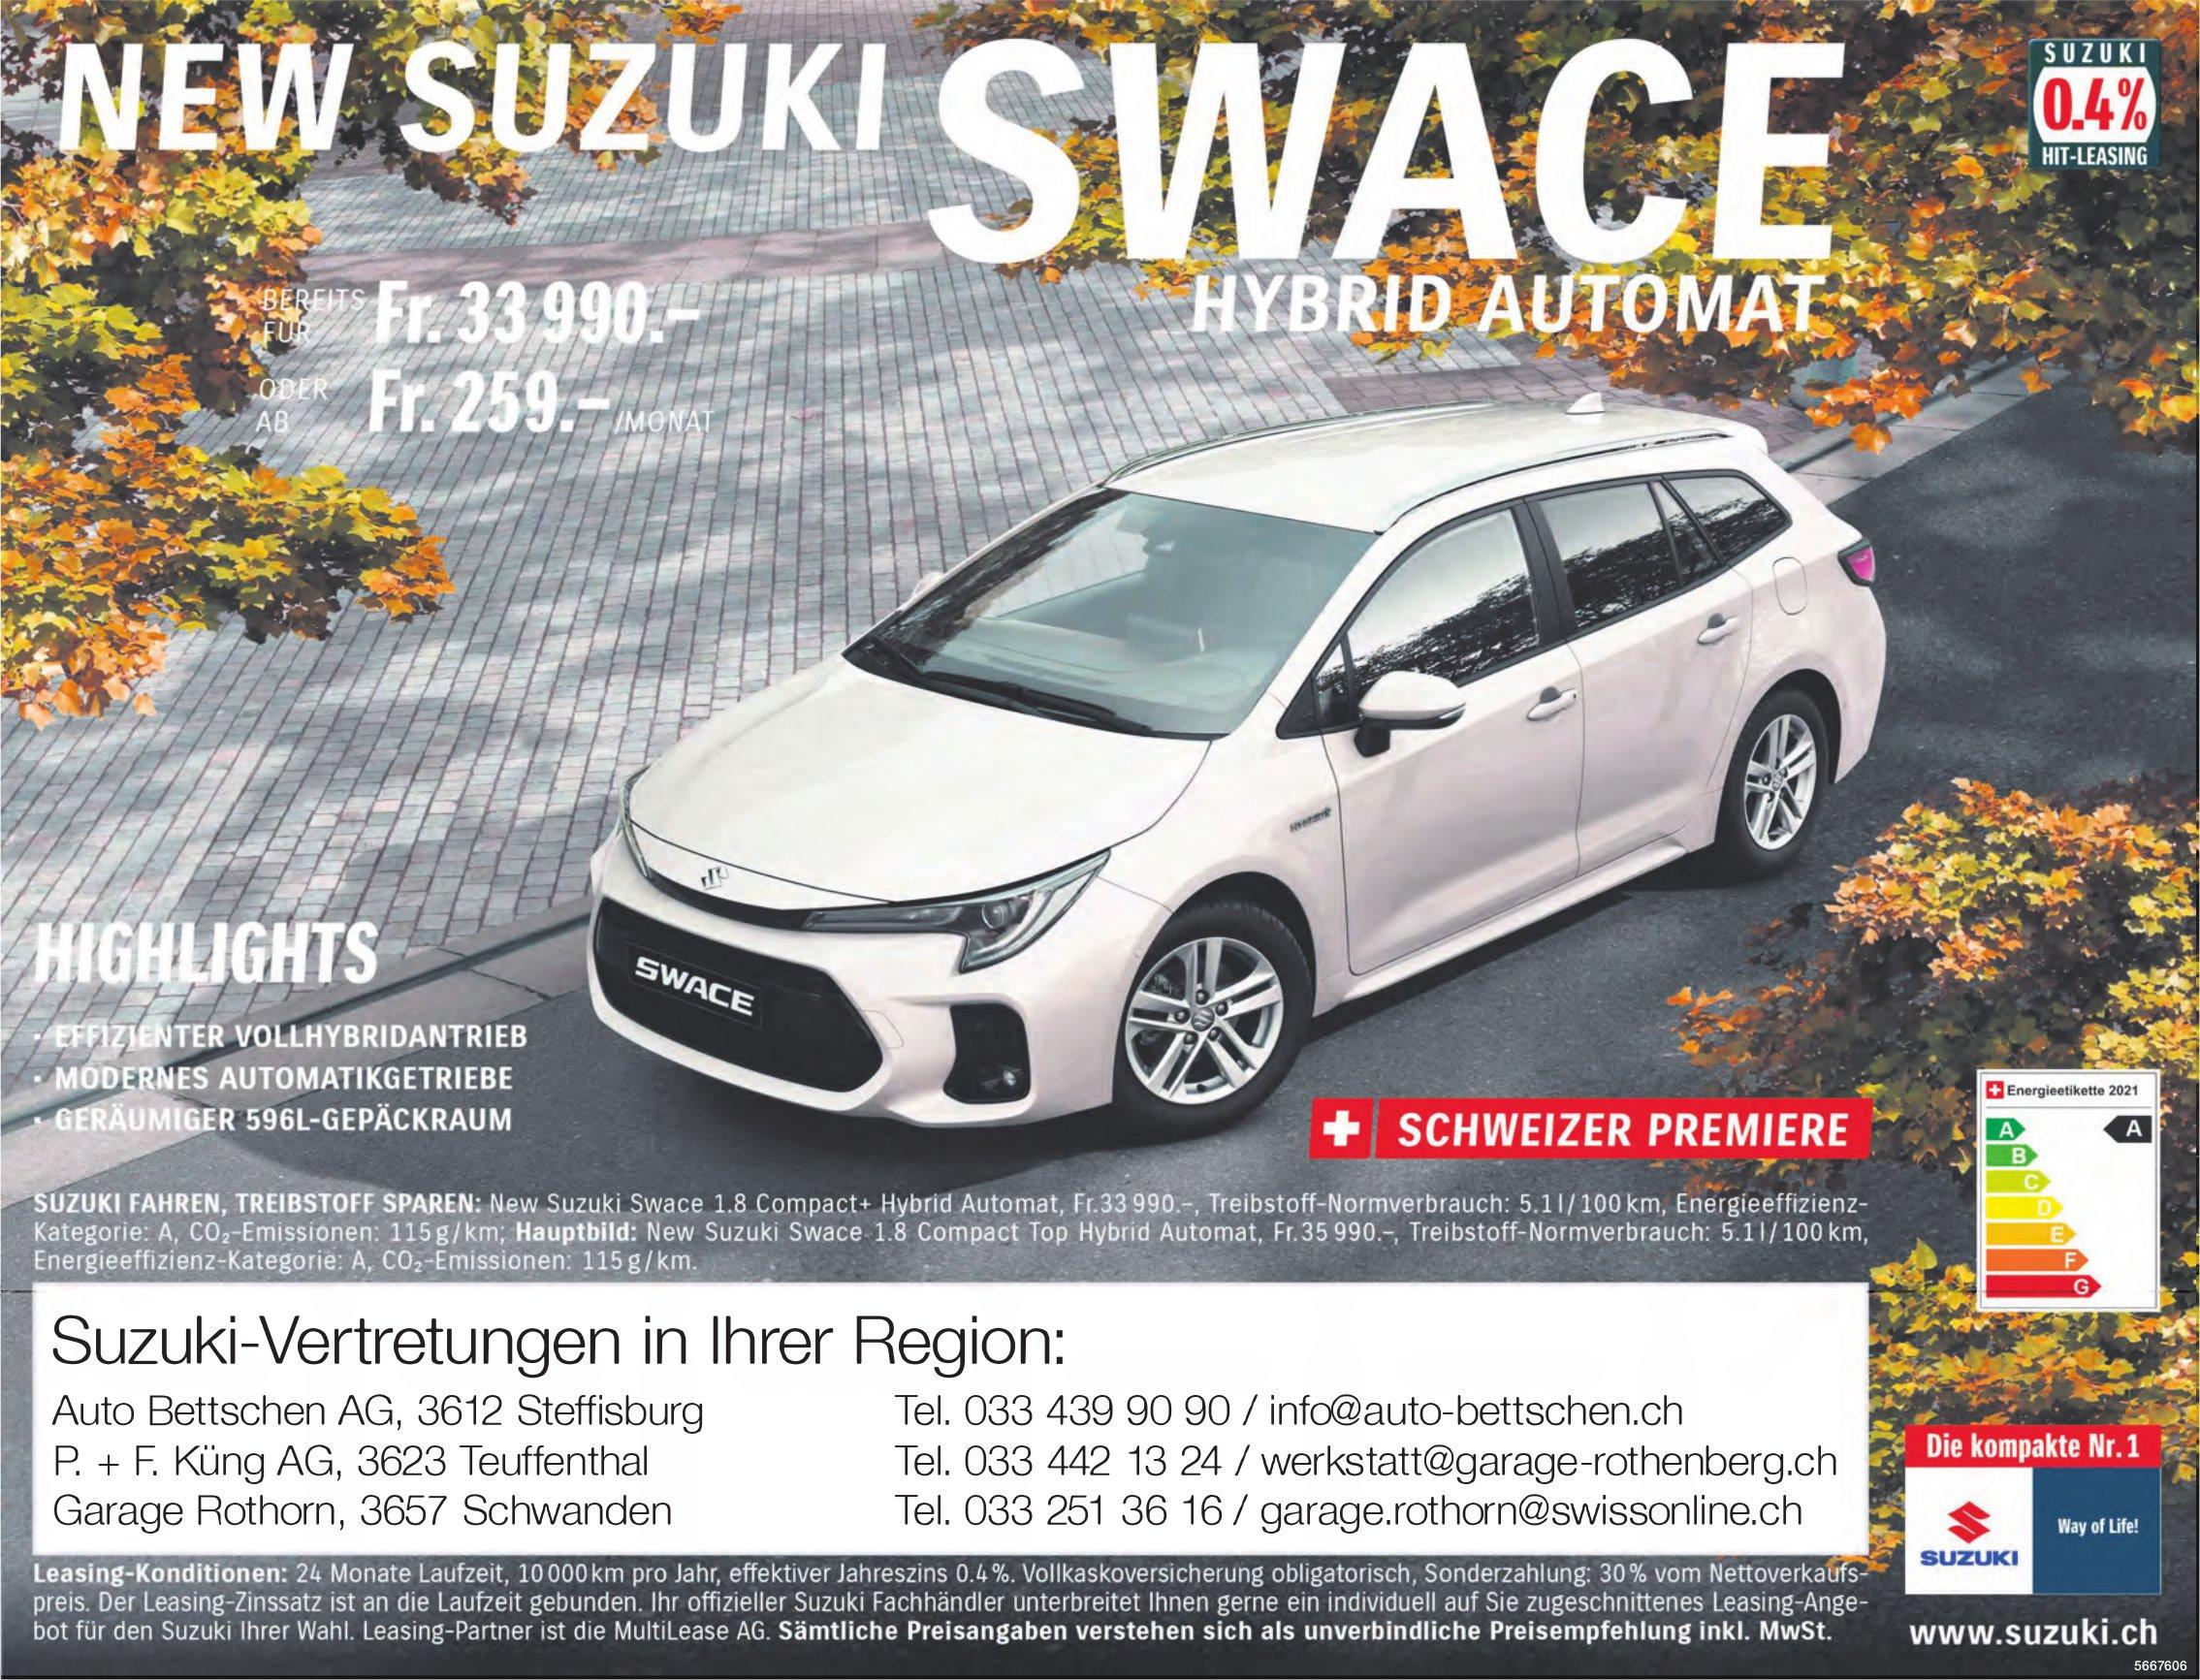 New Suzuki Swace Hybrid Automat - Suzuki-Vertretungen in Ihrer Region